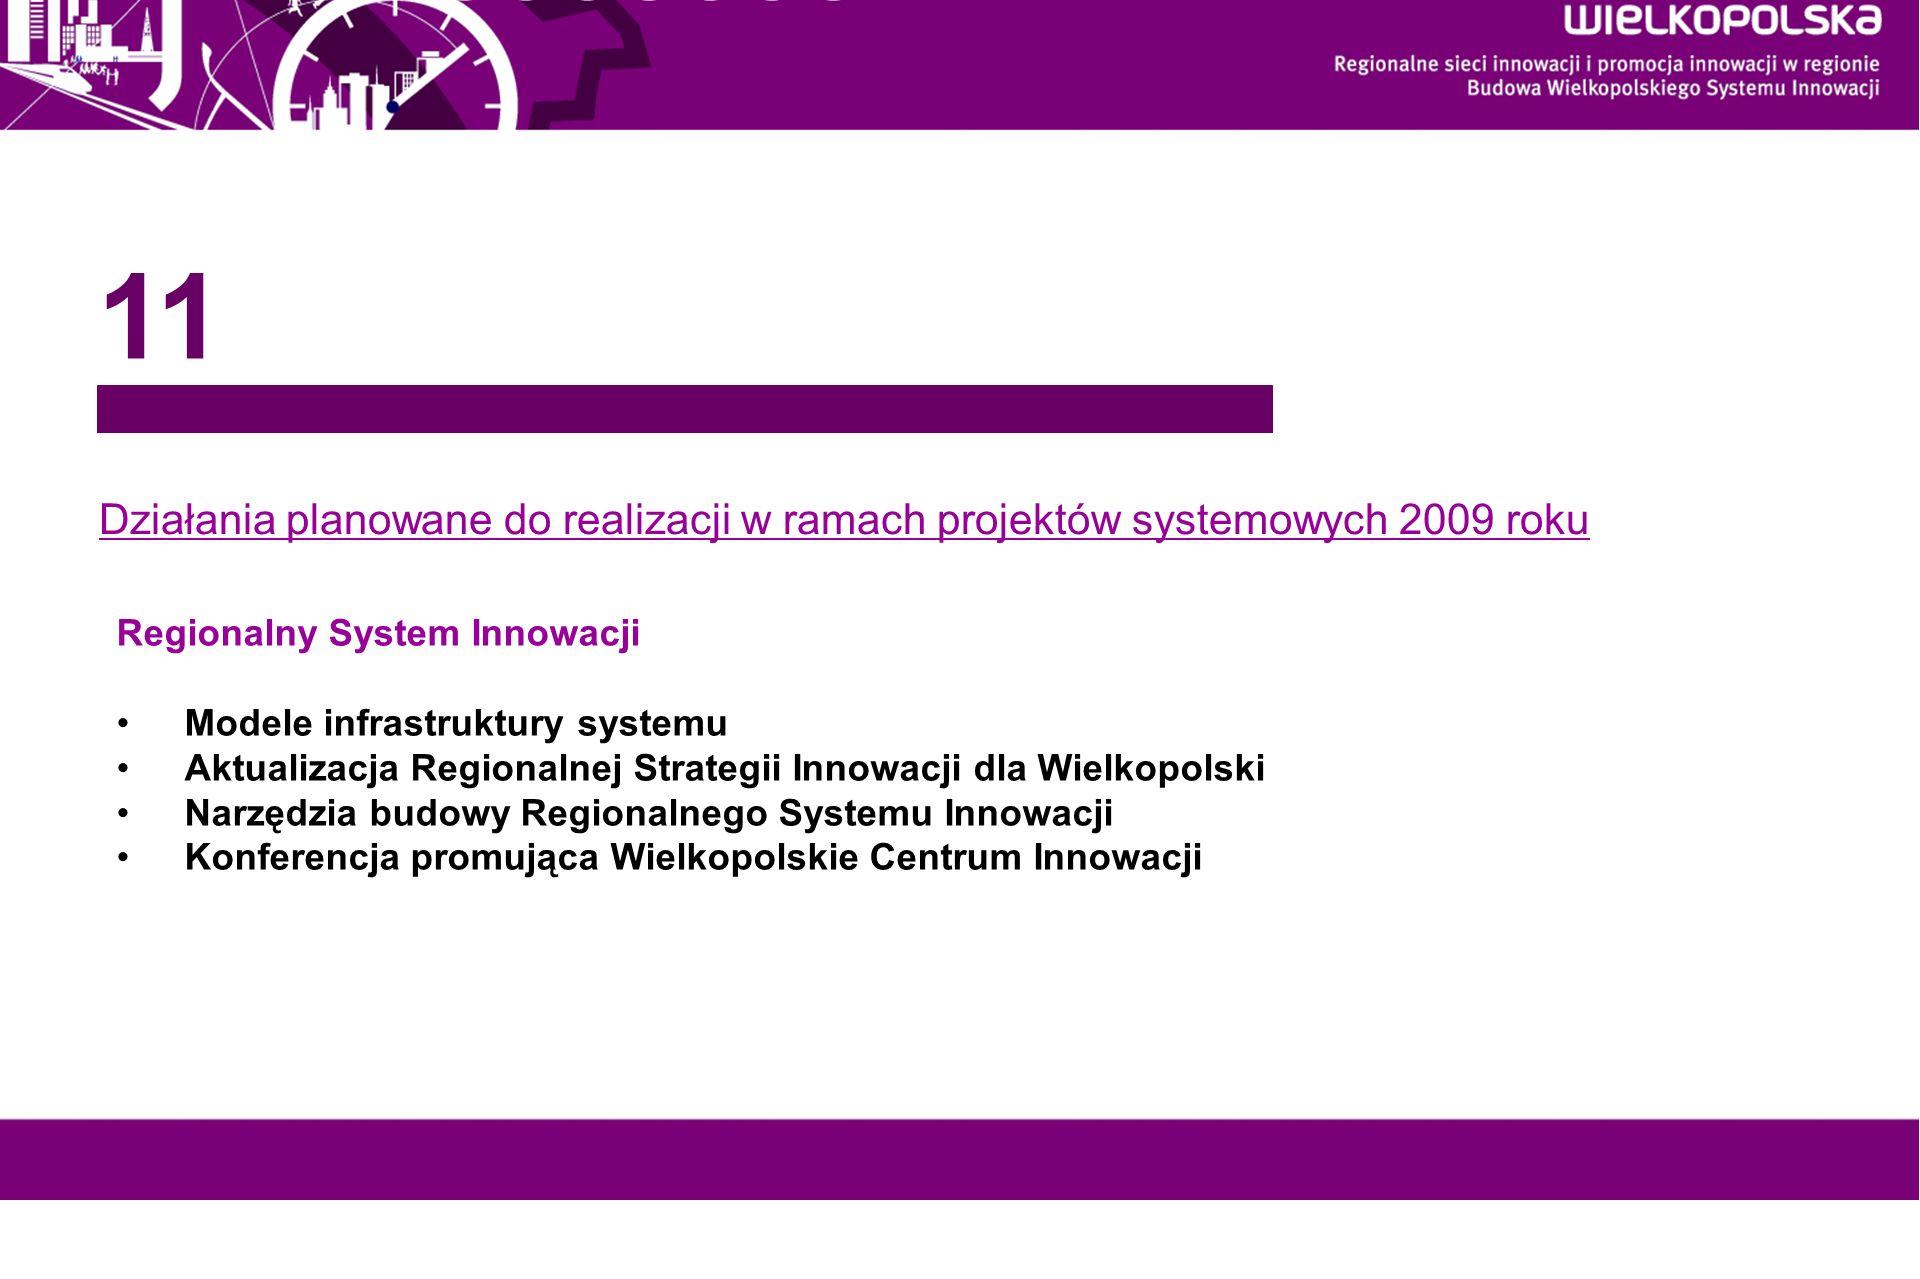 11Działania planowane do realizacji w ramach projektów systemowych 2009 roku. Regionalny System Innowacji.